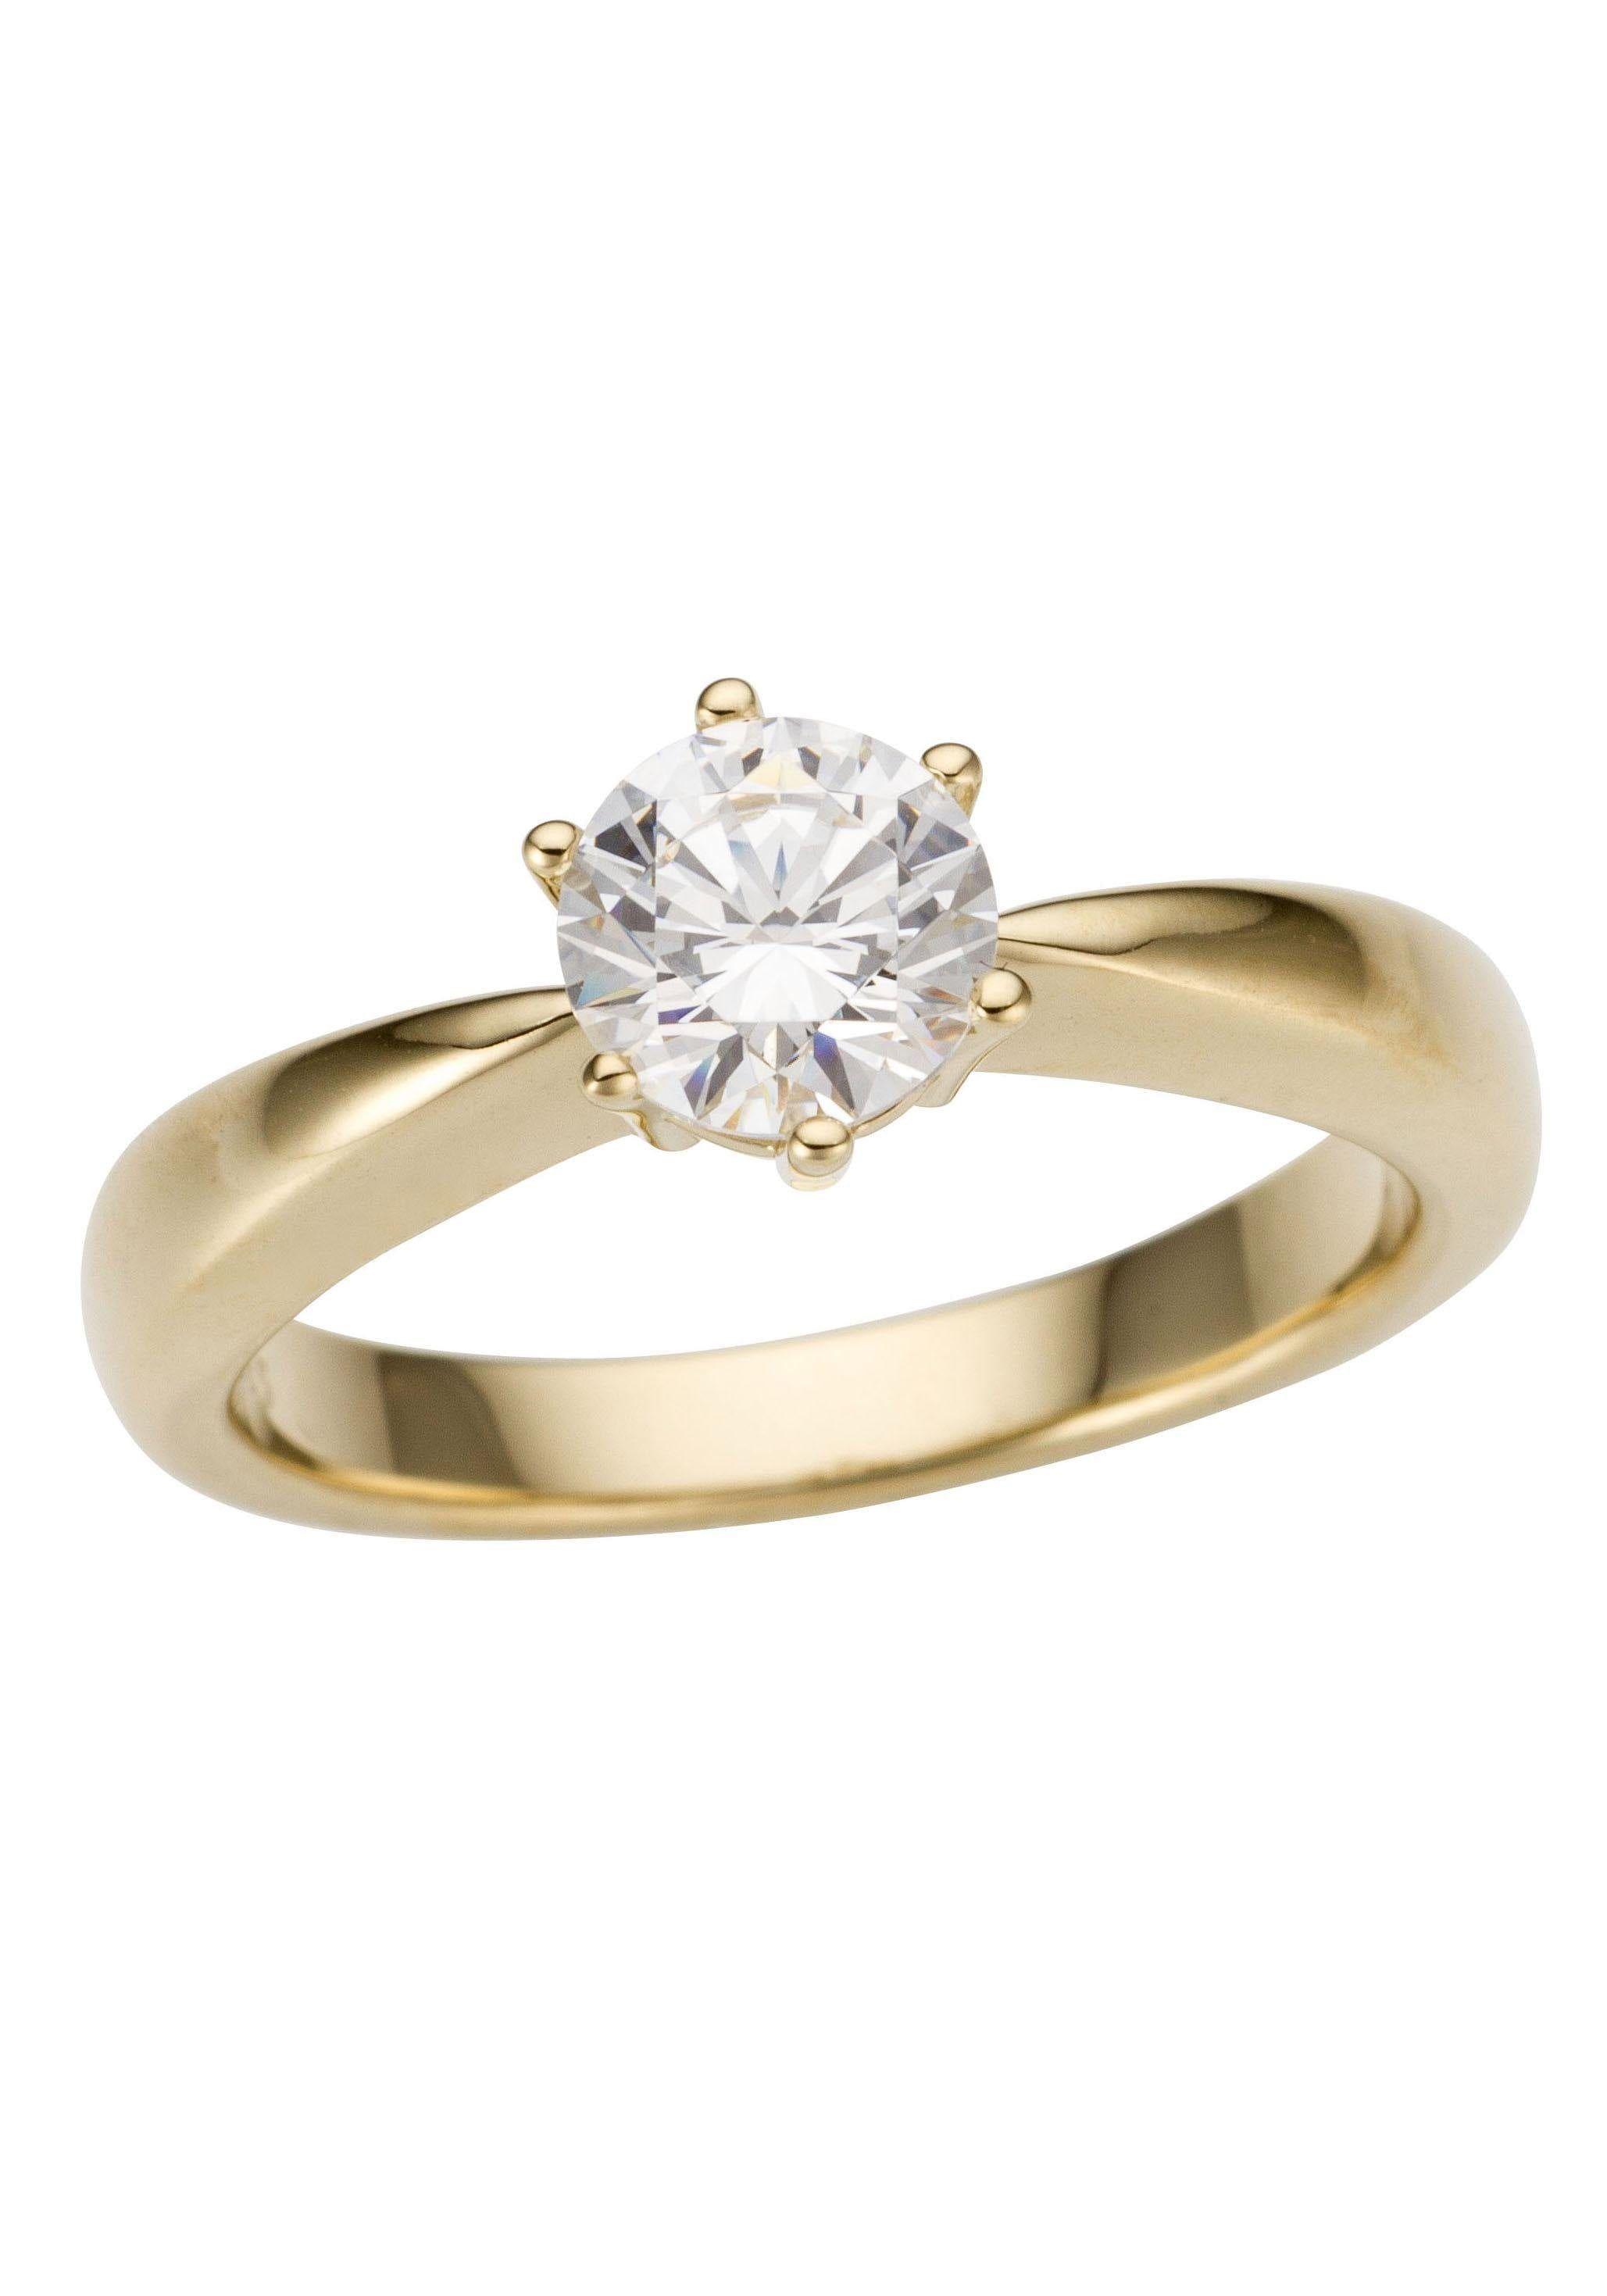 Was für eine Wucht! Dieser wunderschöne Damenring lässt Frauenherzen höherschlagen. Der funkelnde Brillant strahlt mit Ihrem Lächeln um die Wette. Das Schmuckstück überzeugt mit edlem und zugleich pompösen Stil und ist weiterhin ein Symbol für das schönste Versprechen der Welt: dieser Ring kann als klassischer Verlobungsring später optimal mit einem Trauring kombiniert werden.